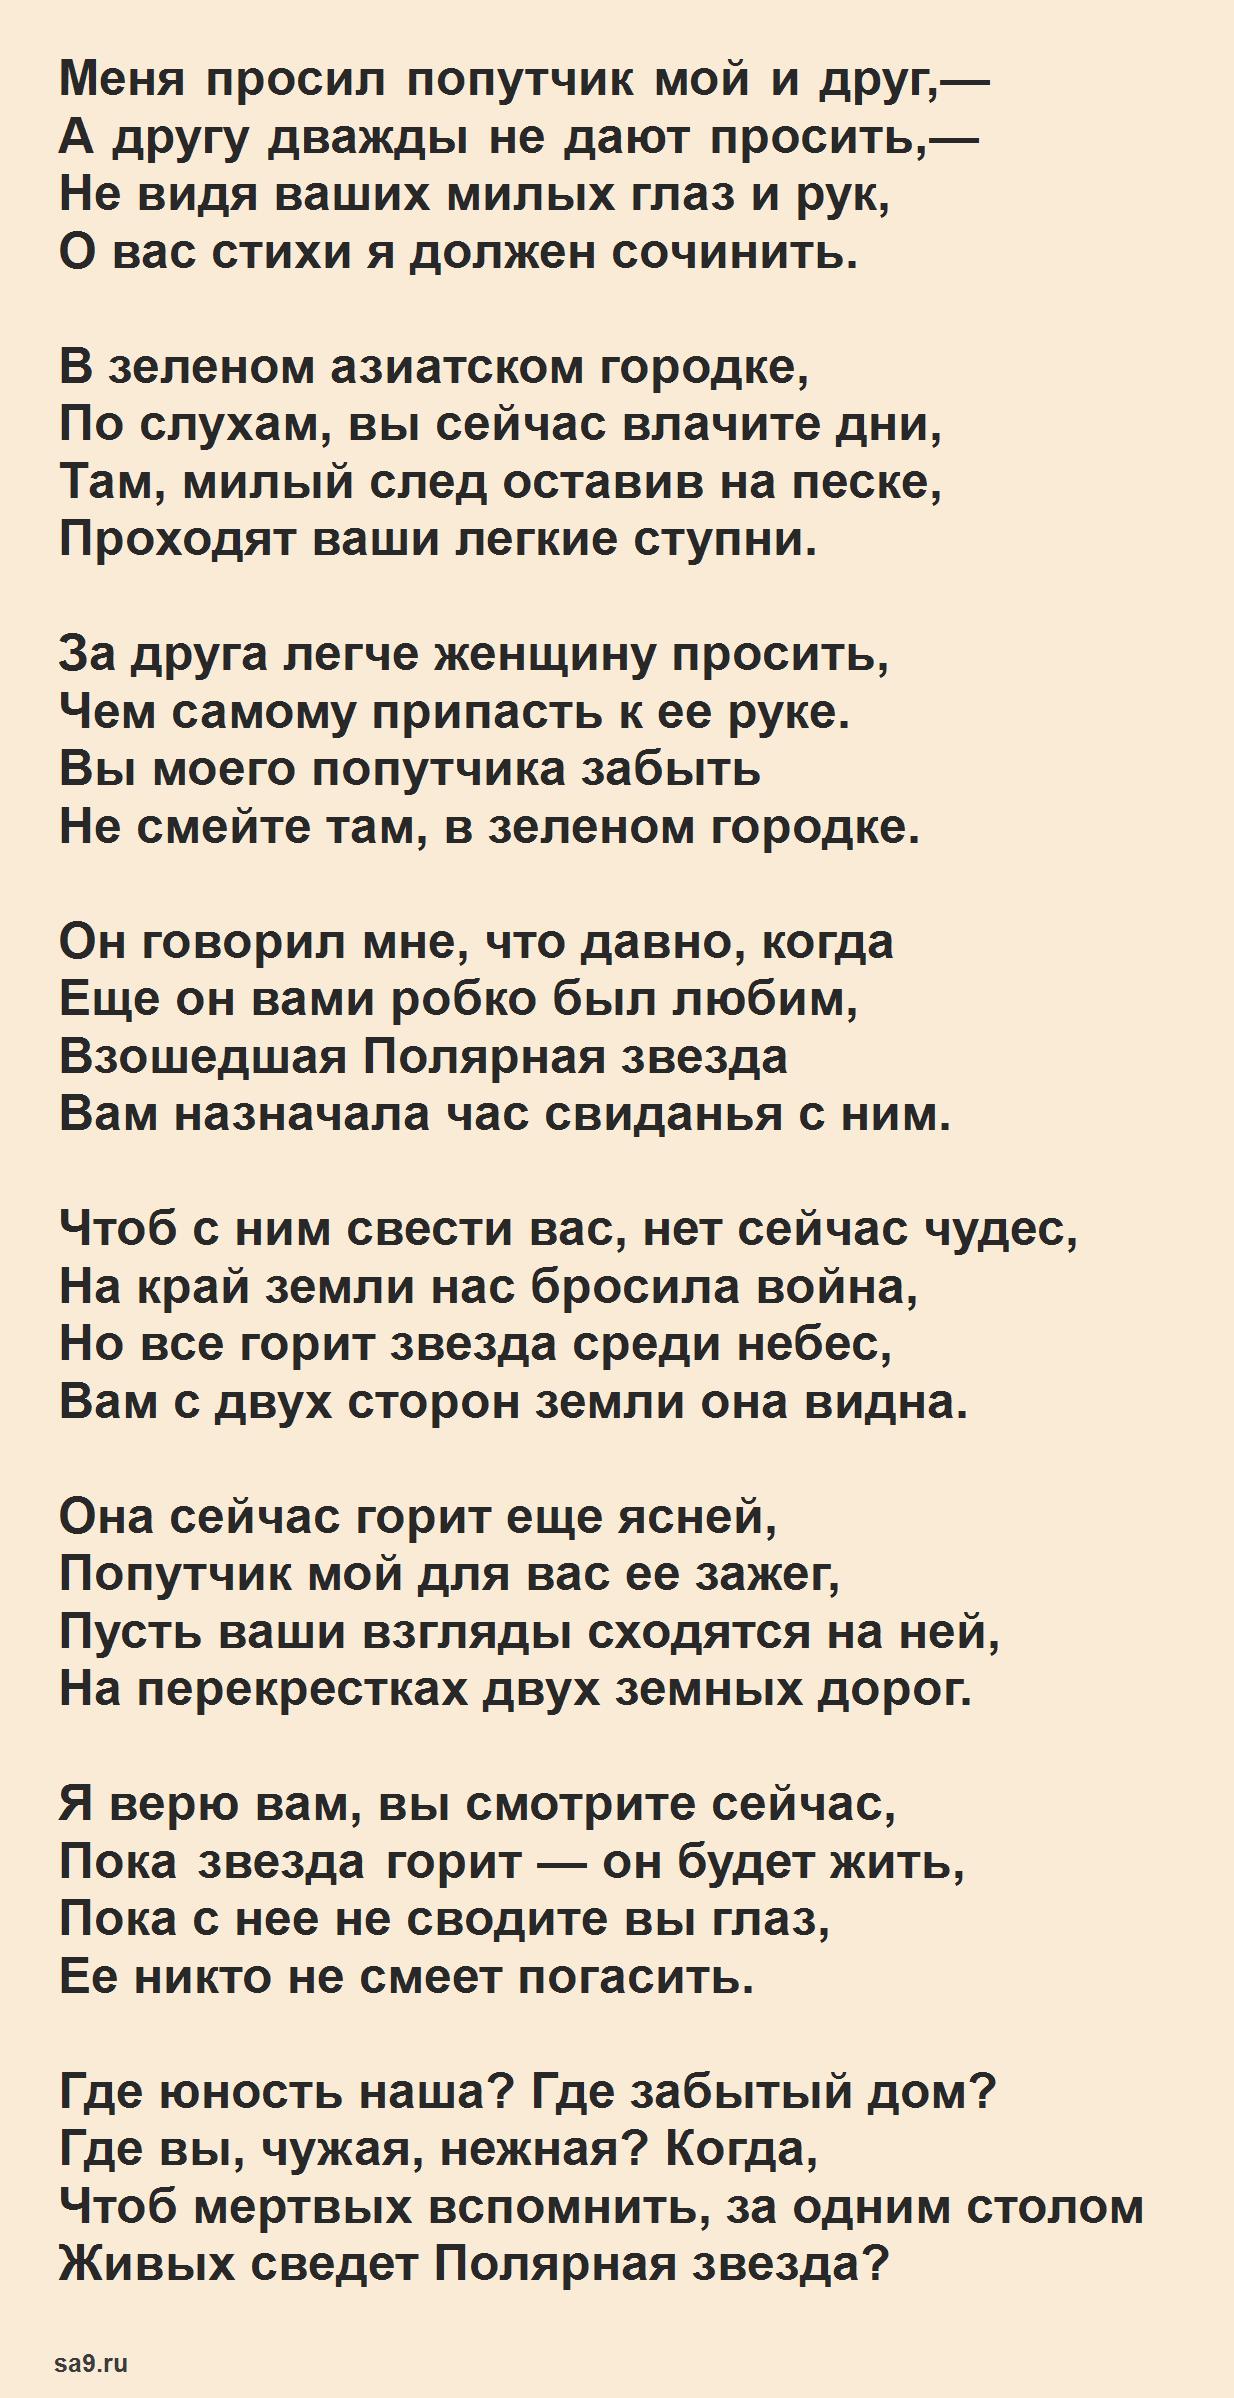 Симонов стихи - Полярная звезда